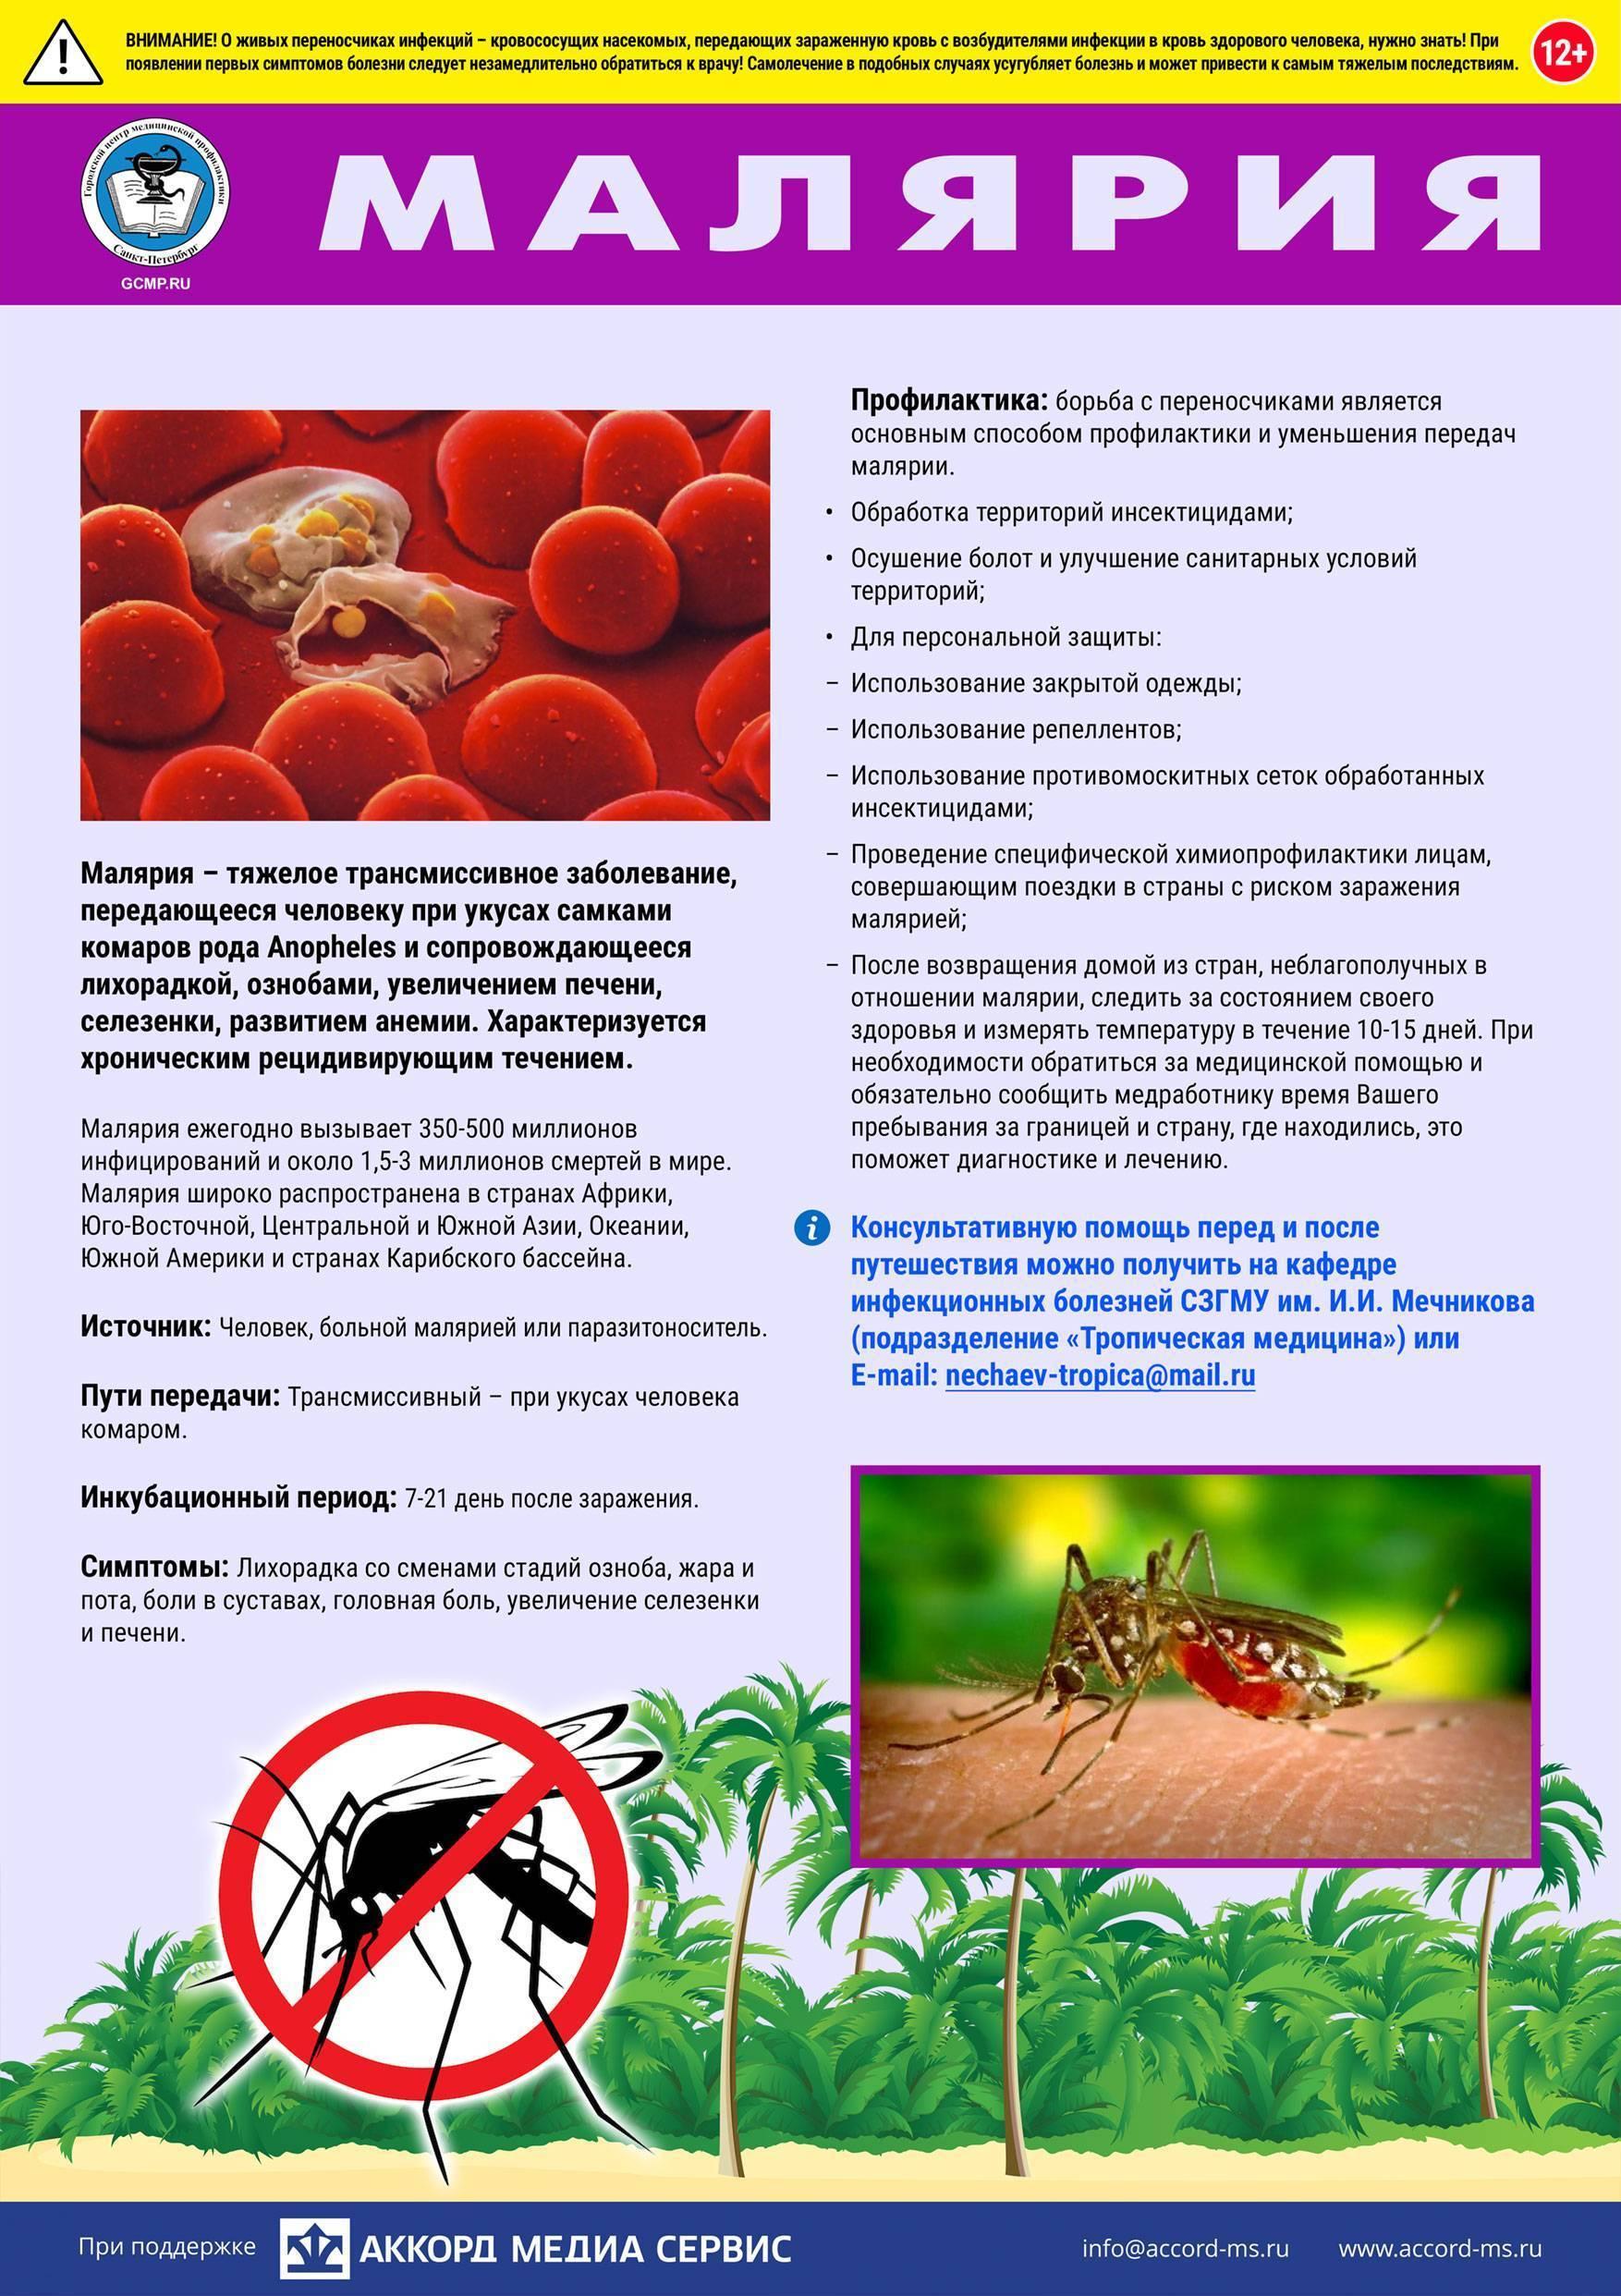 Малярийный плазмодий: цикл развития, чем опасен для человека